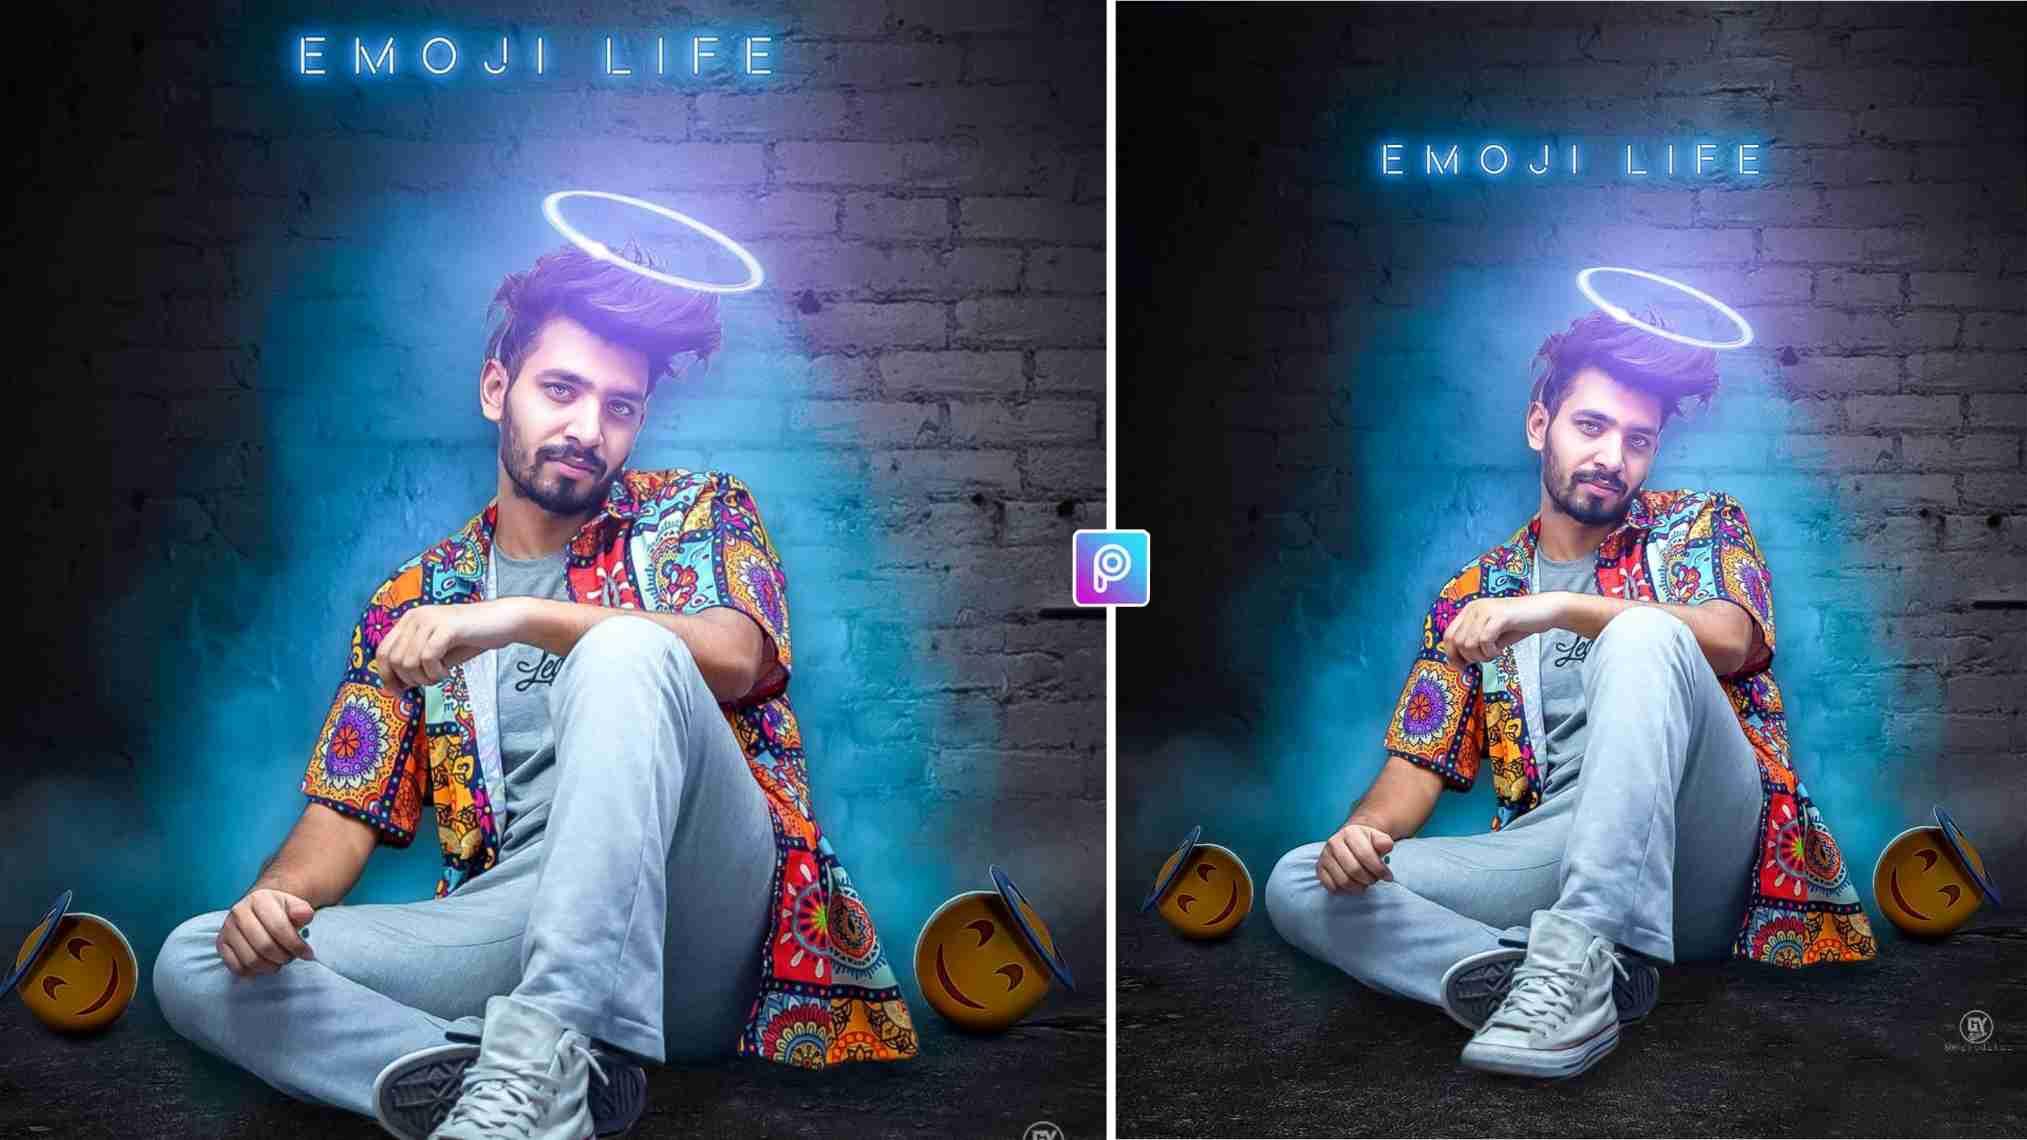 Emoji Life Photo Editing